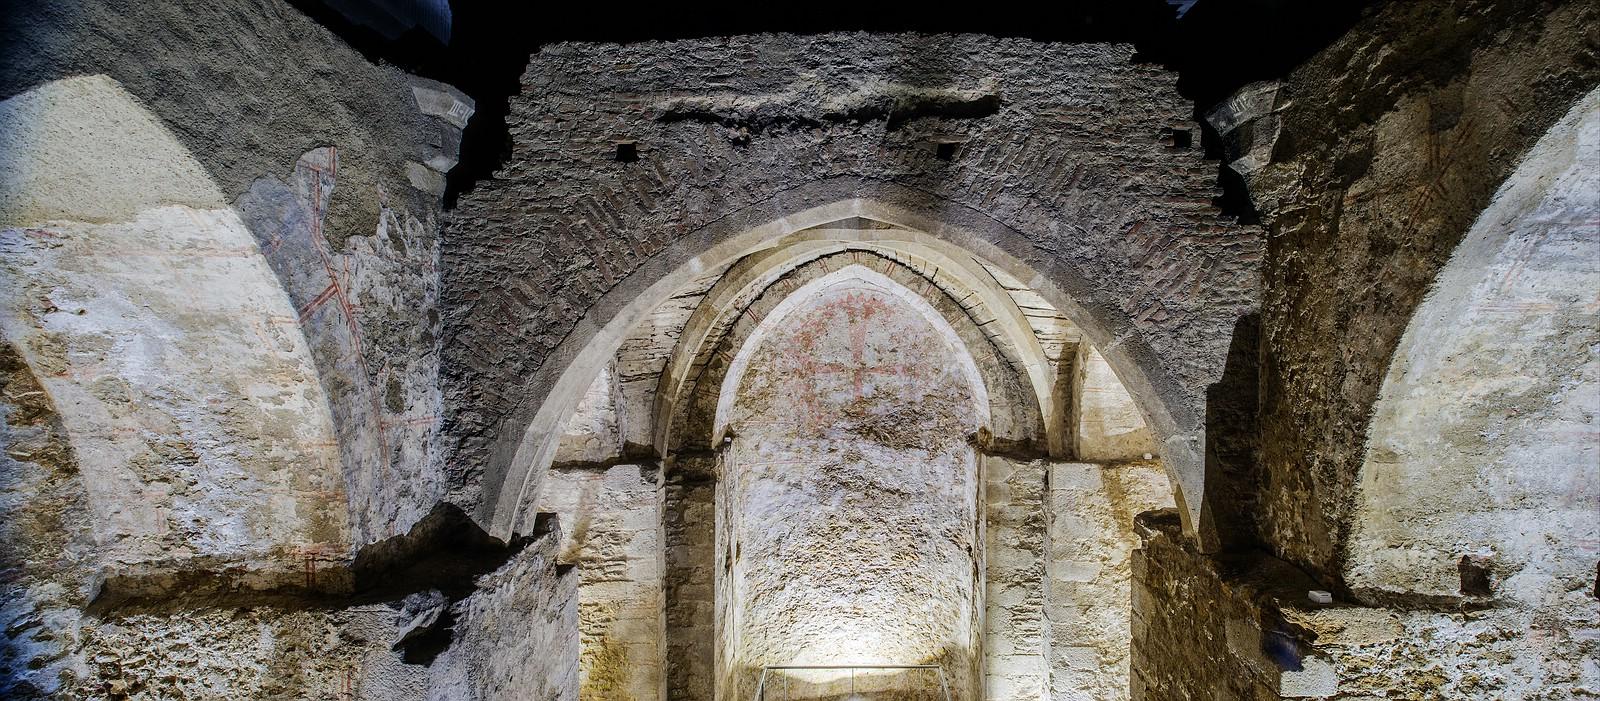 [:de]Gewölbe der Virigilkapelle vor der Sanierung[:en]Arches of the Vergilius Chapel before rehabilitation